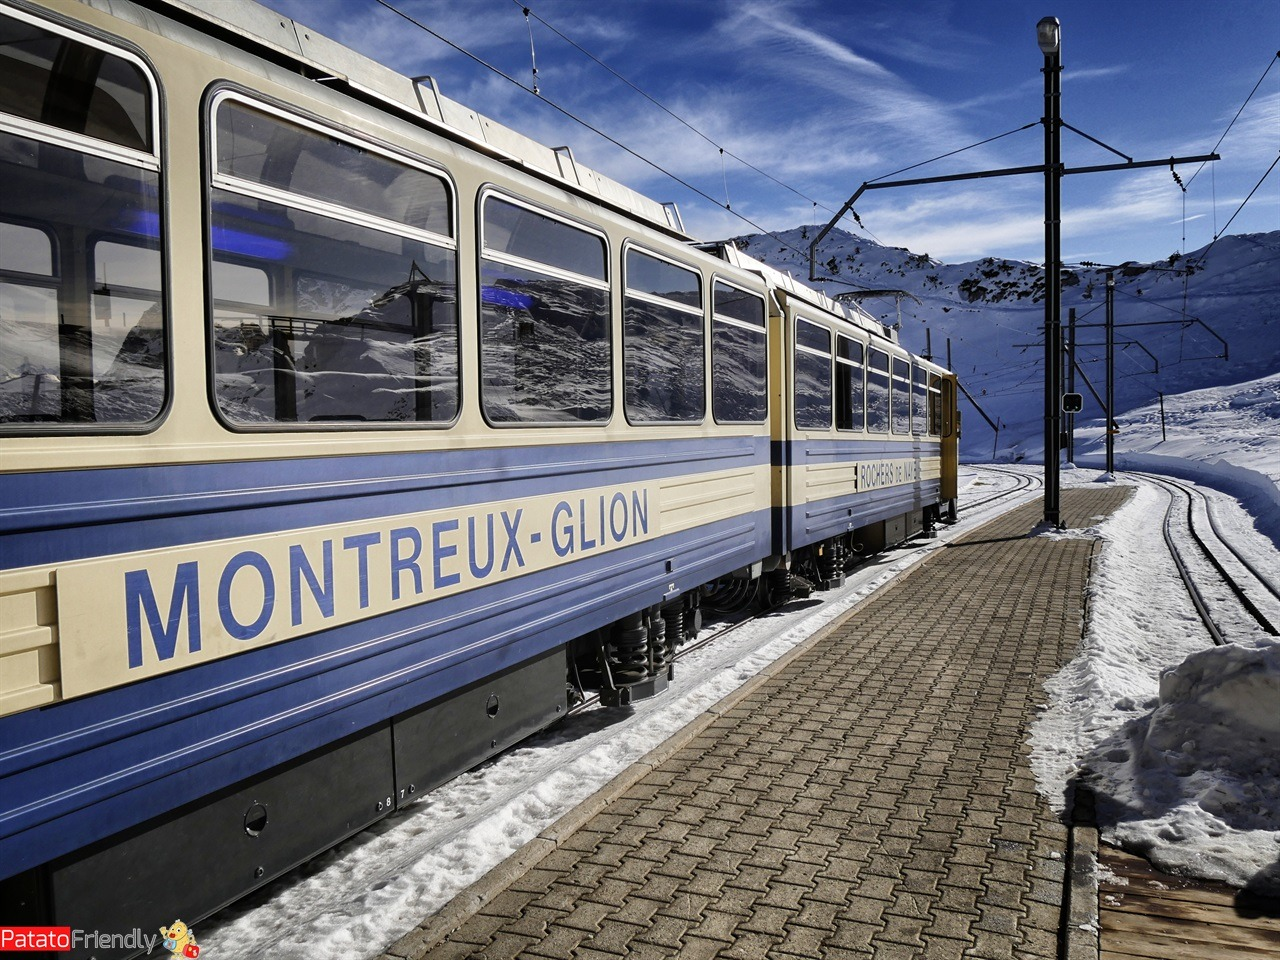 Natale a Montreux coi bambini - Il trenino che porta alla Casa di Babbo Natale